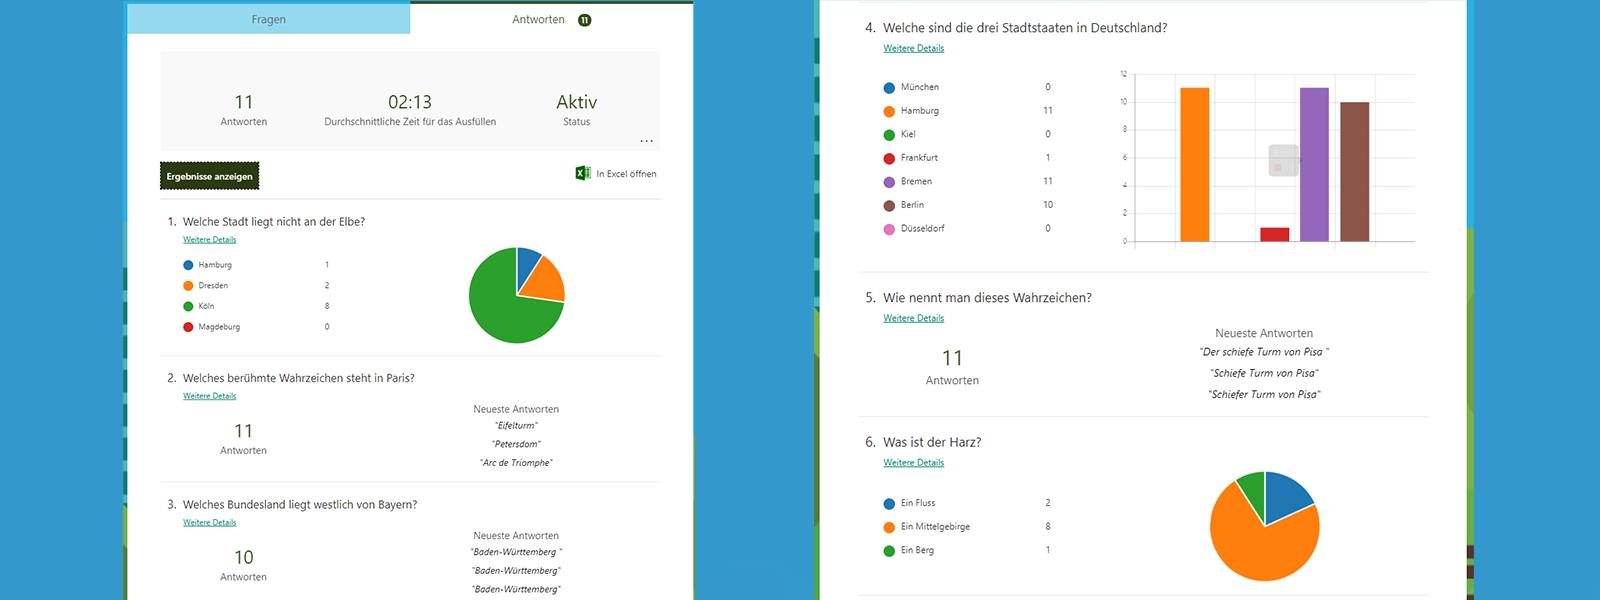 Das Bild zeigt die Auswertung und Darstellung von Antworten in Microsoft Forms.